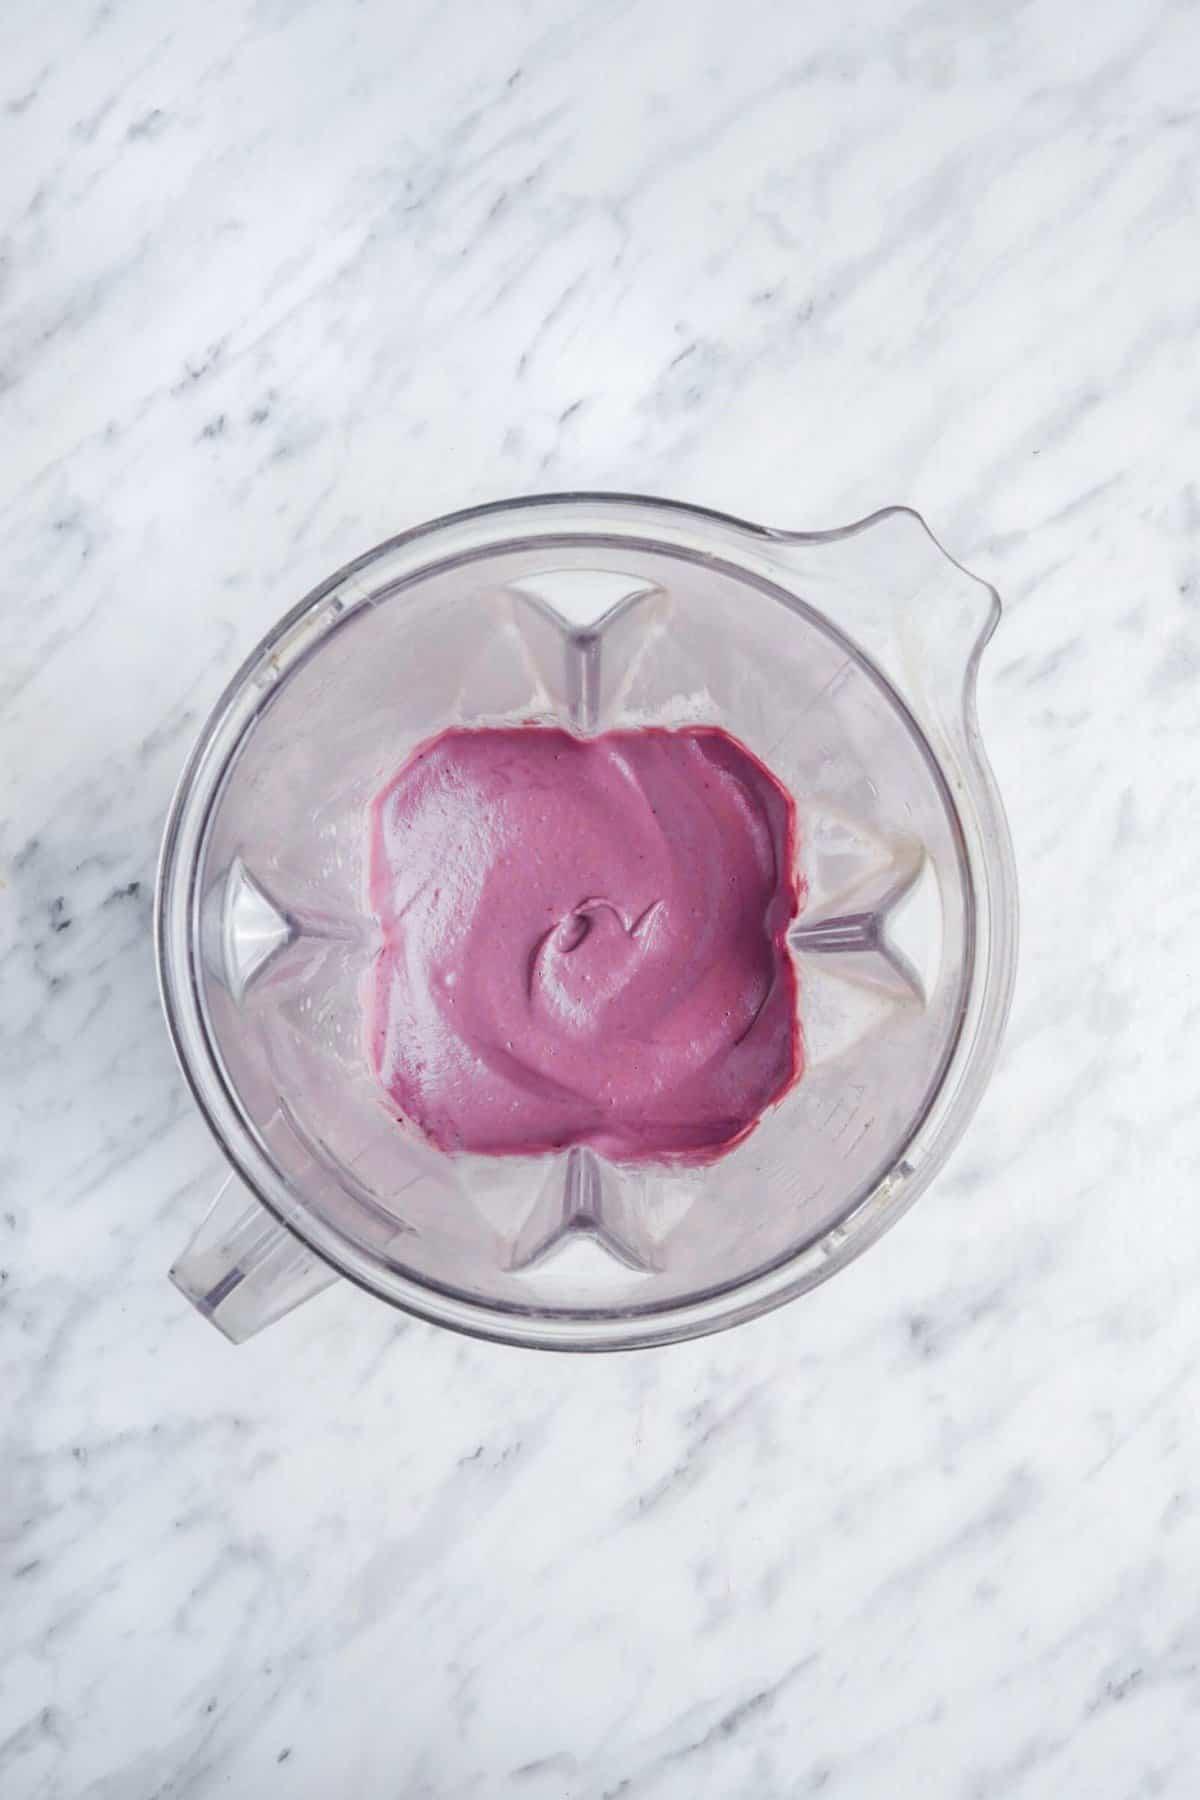 Blender Blackberry Pudding